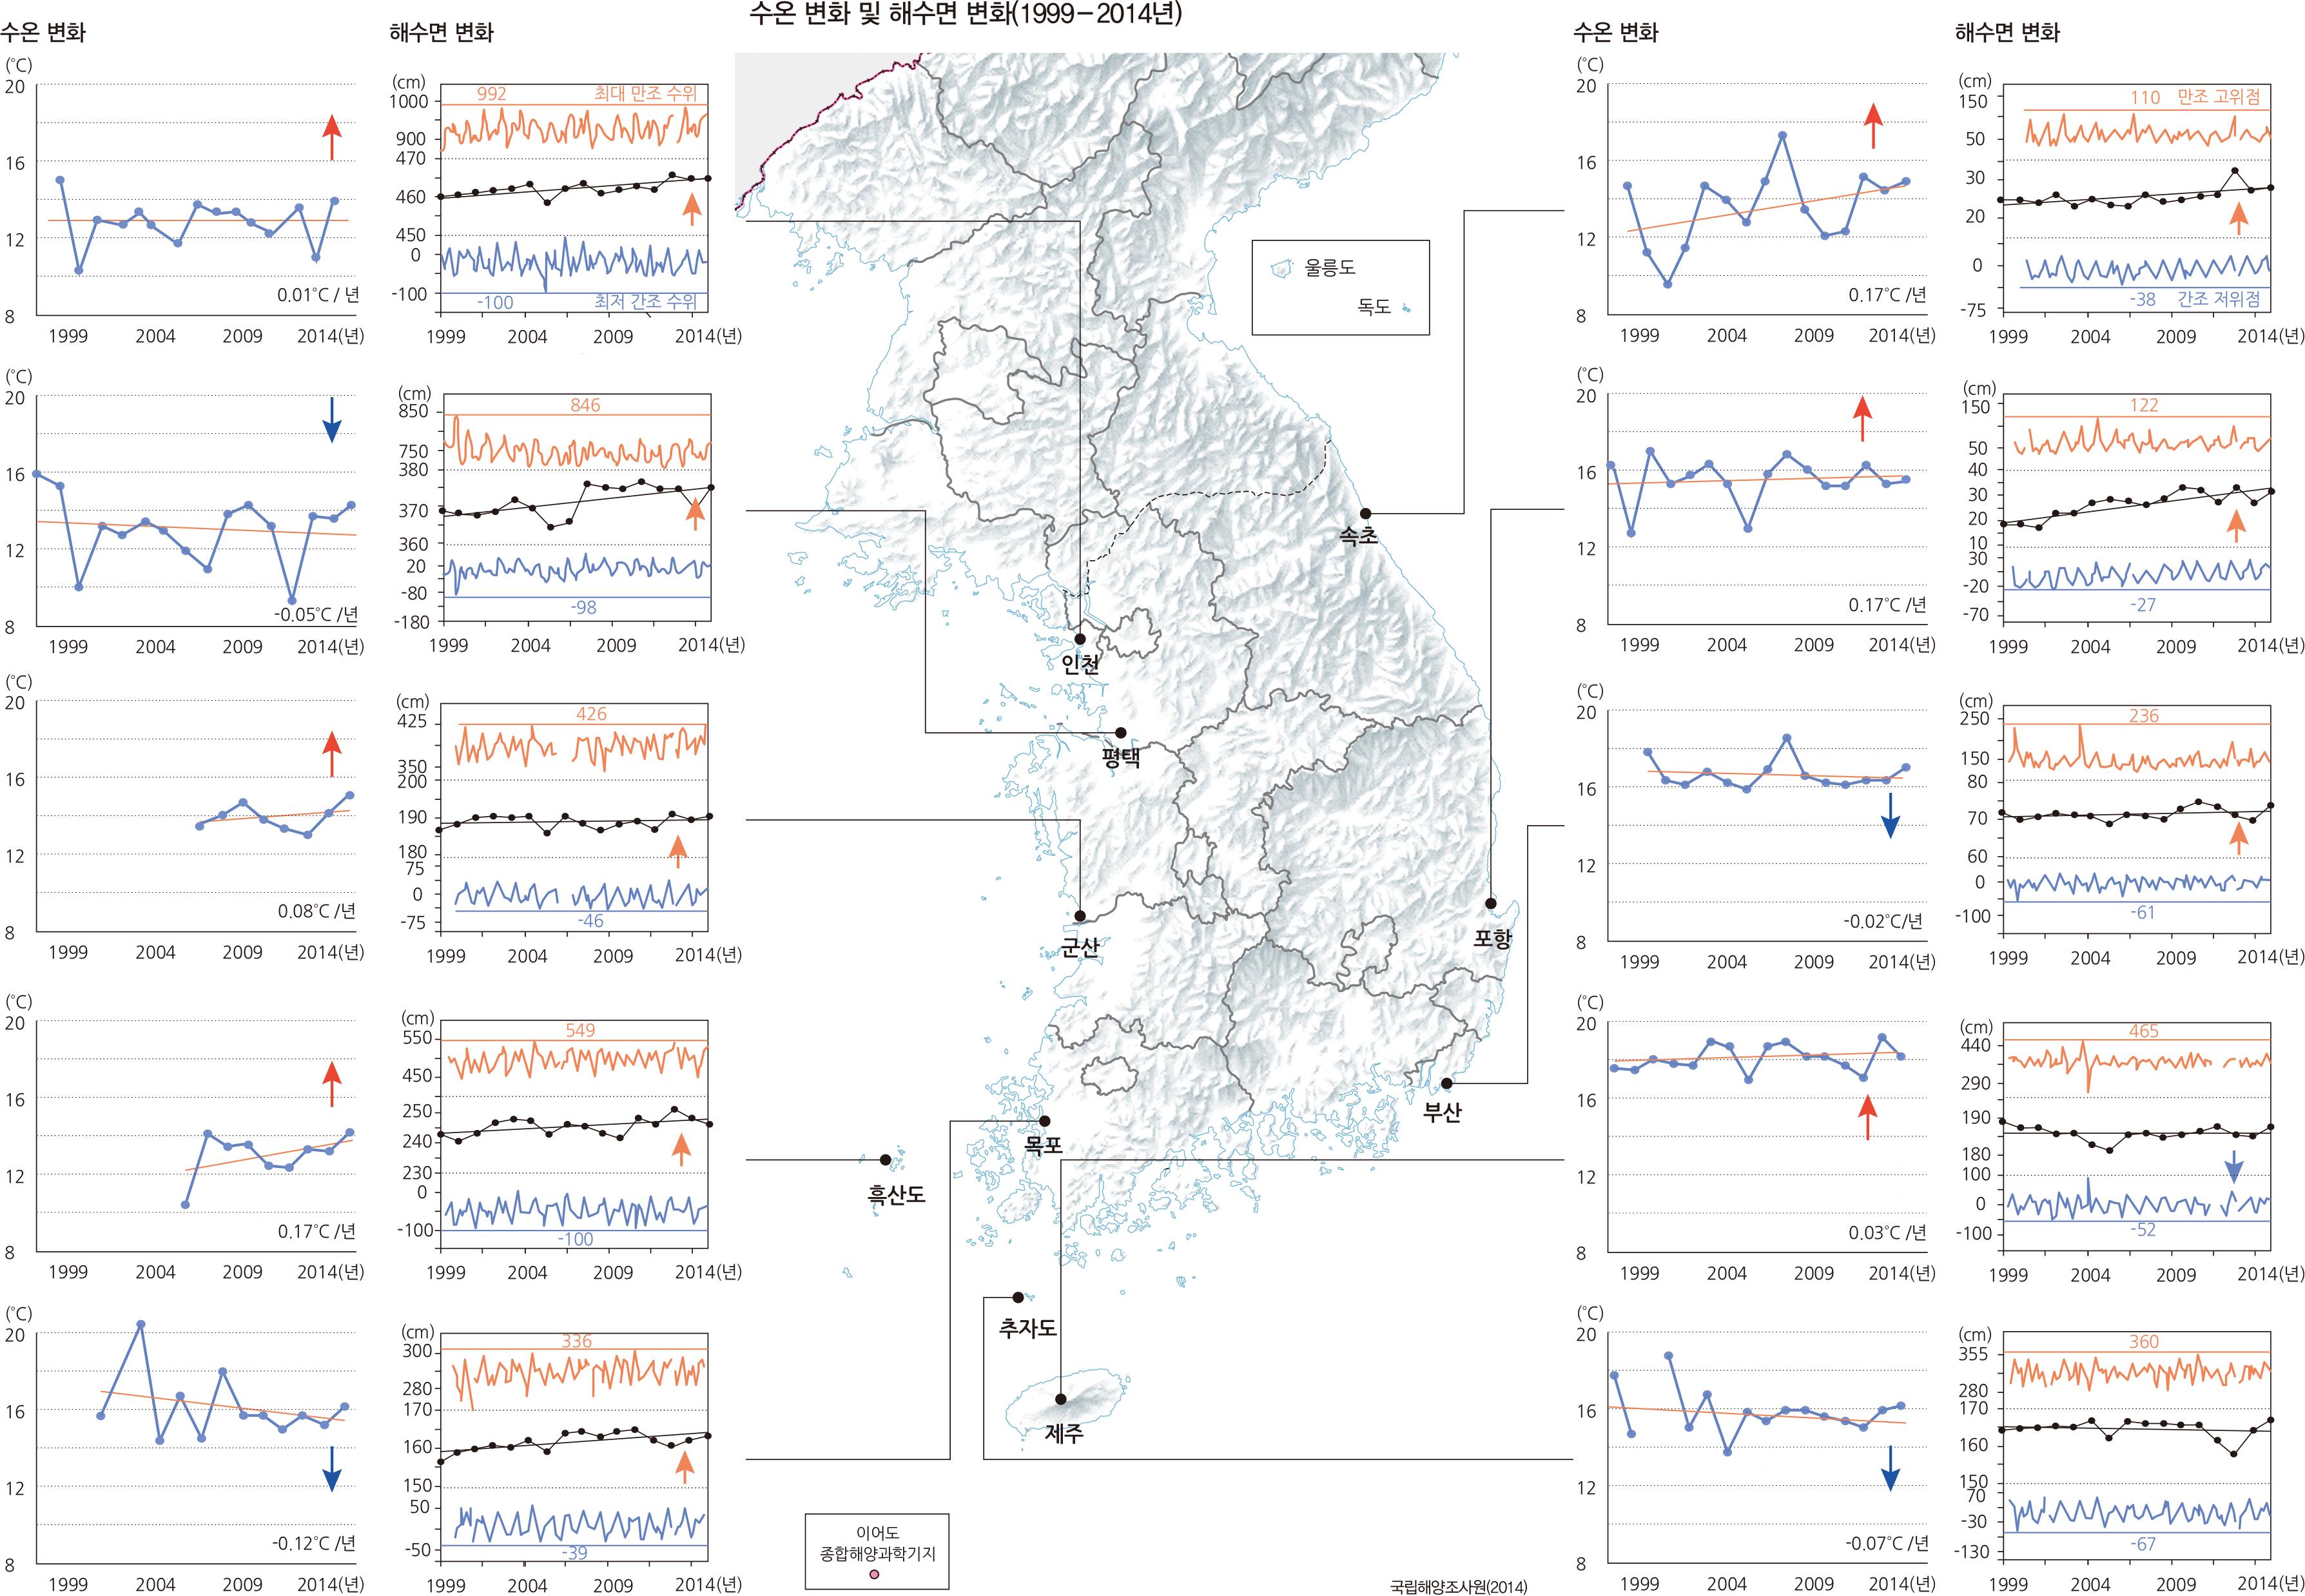 수온 변화 및 해수면 변화(1999-2014년)